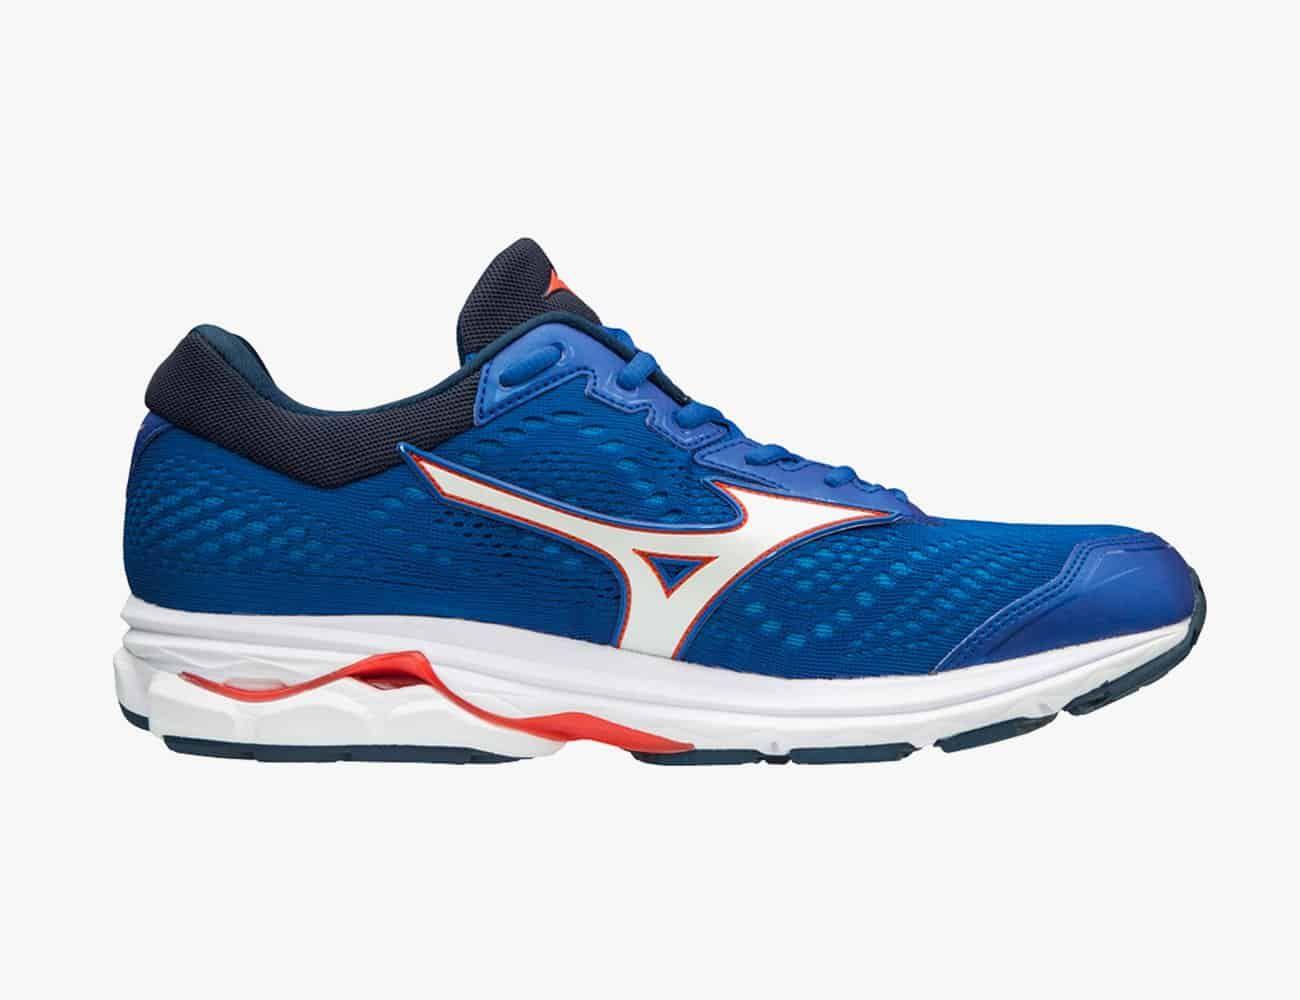 best shoe for marathon running